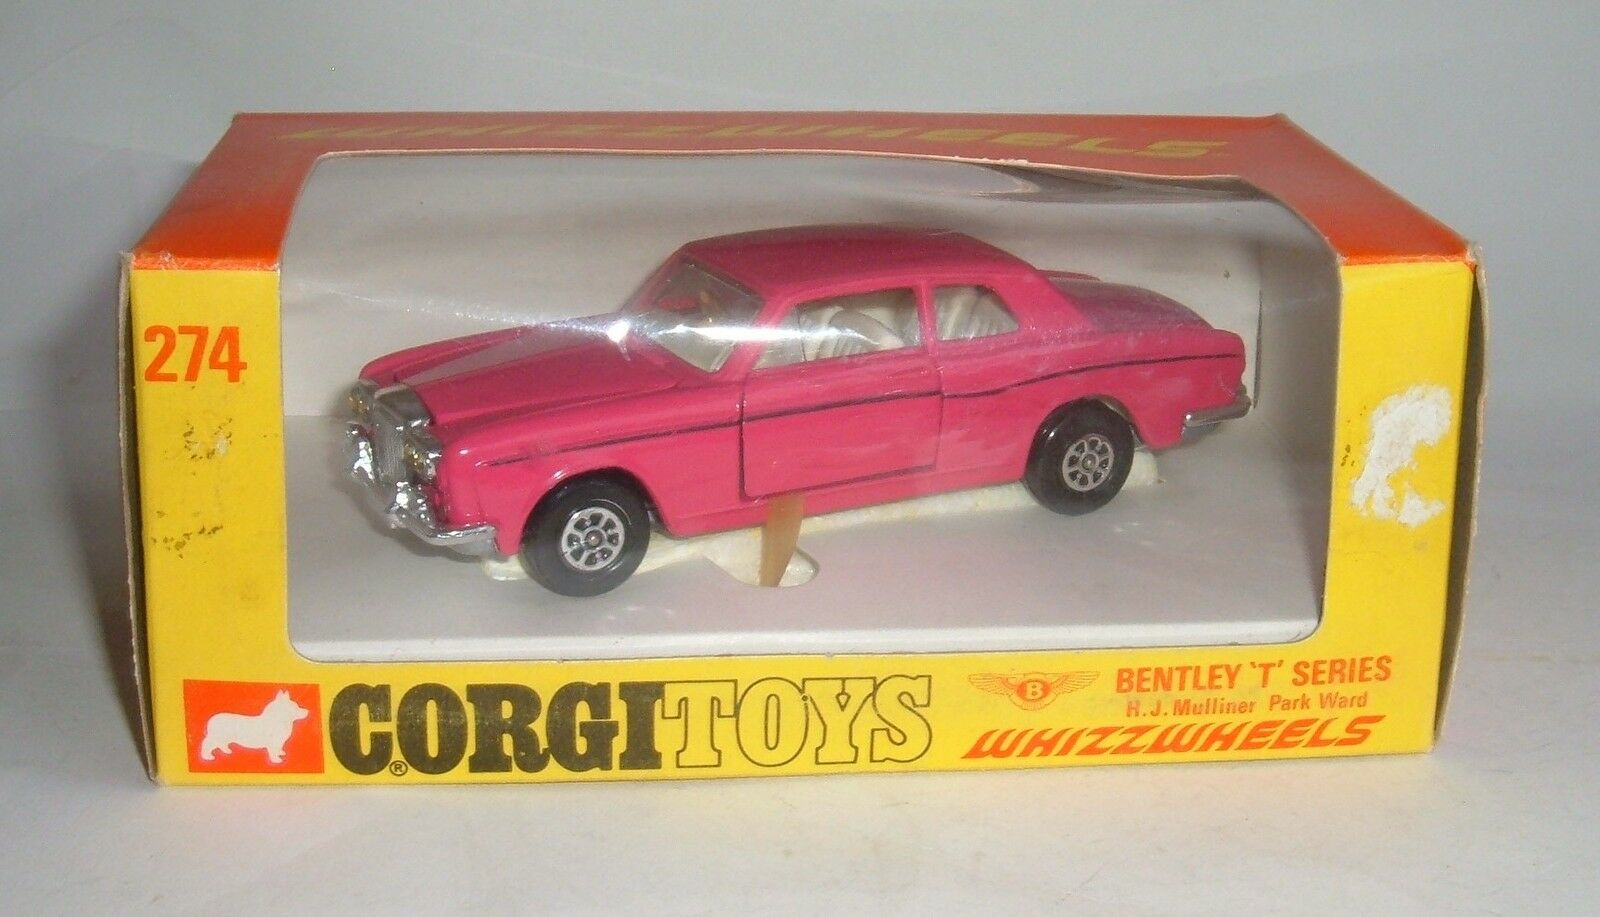 Corgi Toys No 274, BENTLEY  T  Série-WHIZZWHEELS-Superbe Comme neuf